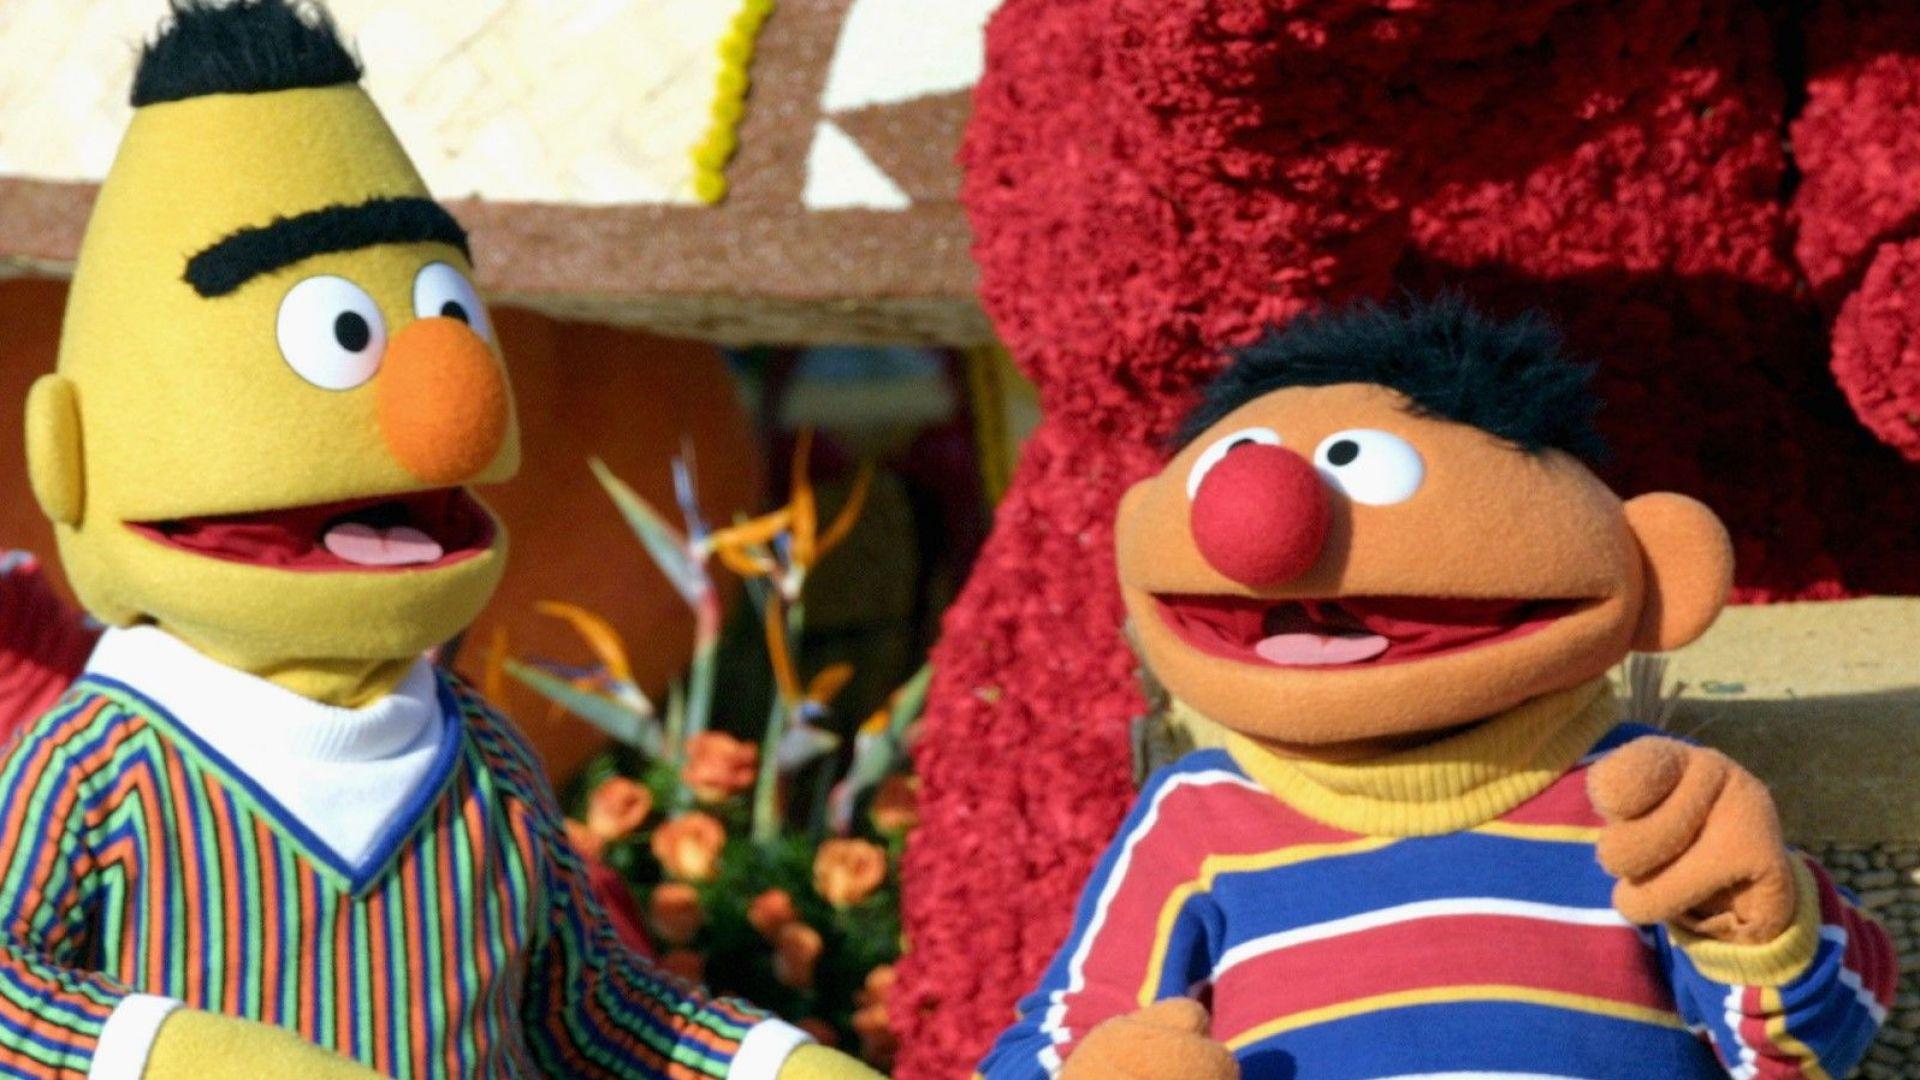 """Продуцентите на """"Улица Сезам"""" отрекоха героите Бърт и Ърни да са гей двойка"""